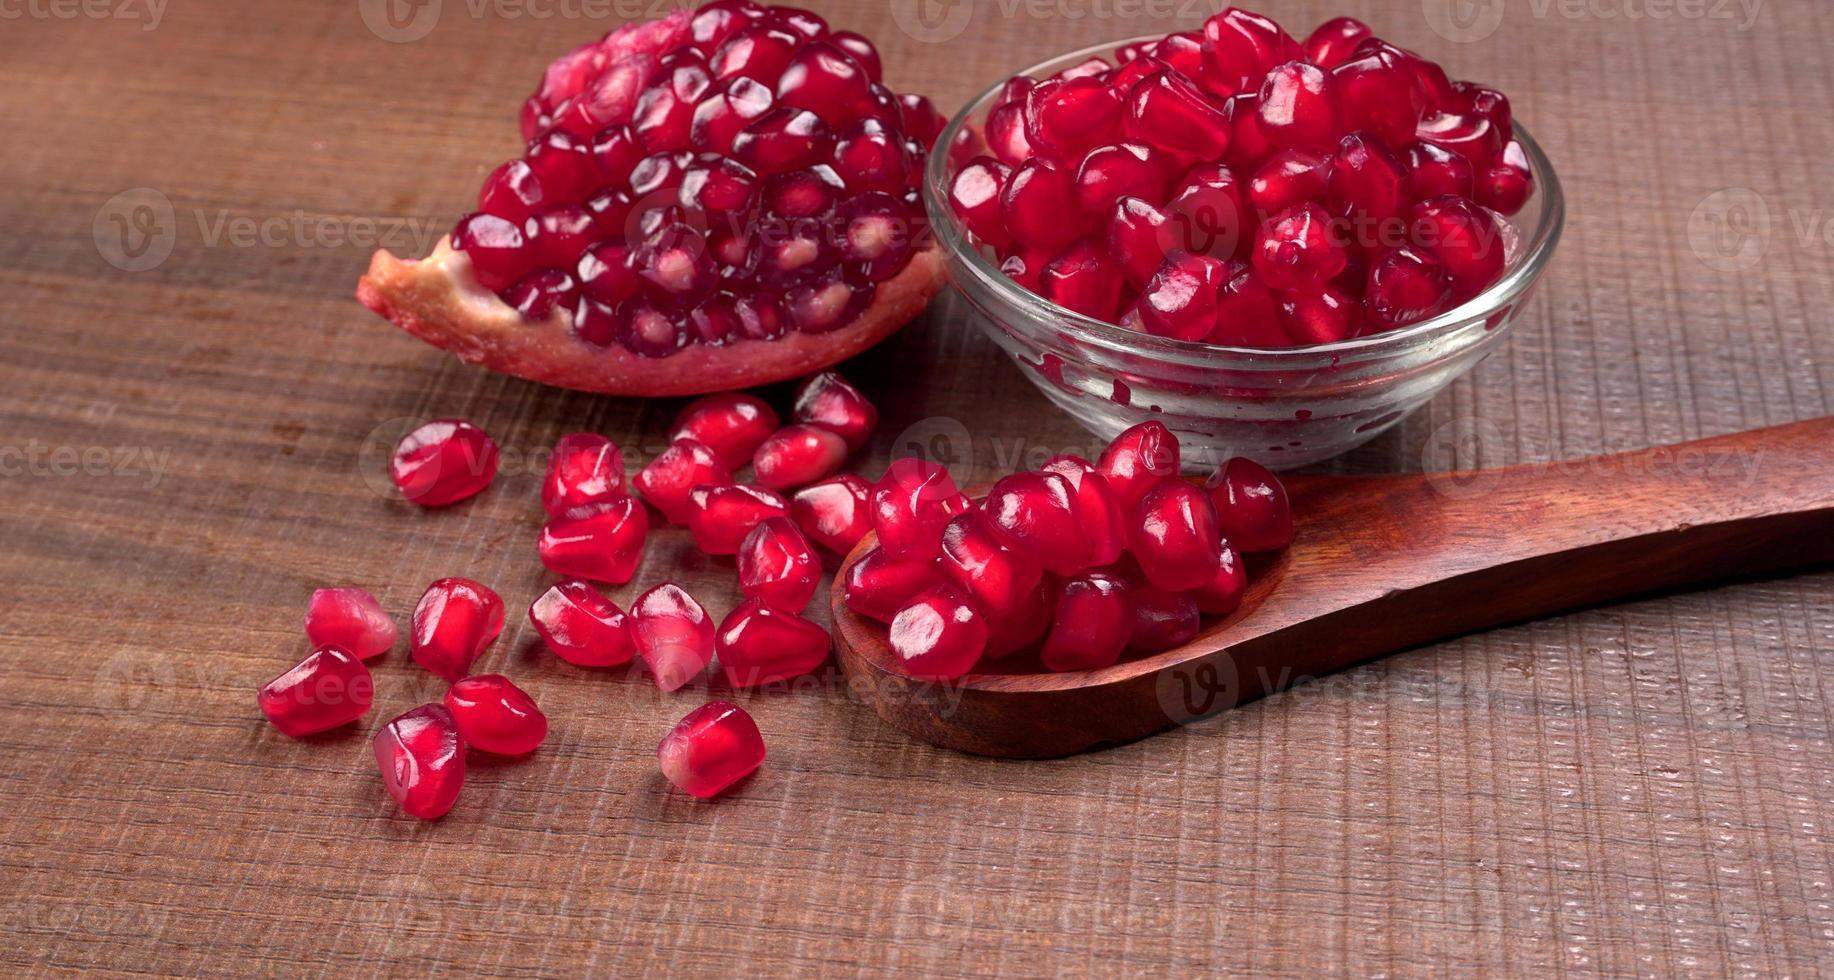 verse granaatappel rijk aan natuurlijke antioxidanten. concept van rood fruit, vitamines en natuurlijke antioxidanten voor de huid voor schoonheid. foto